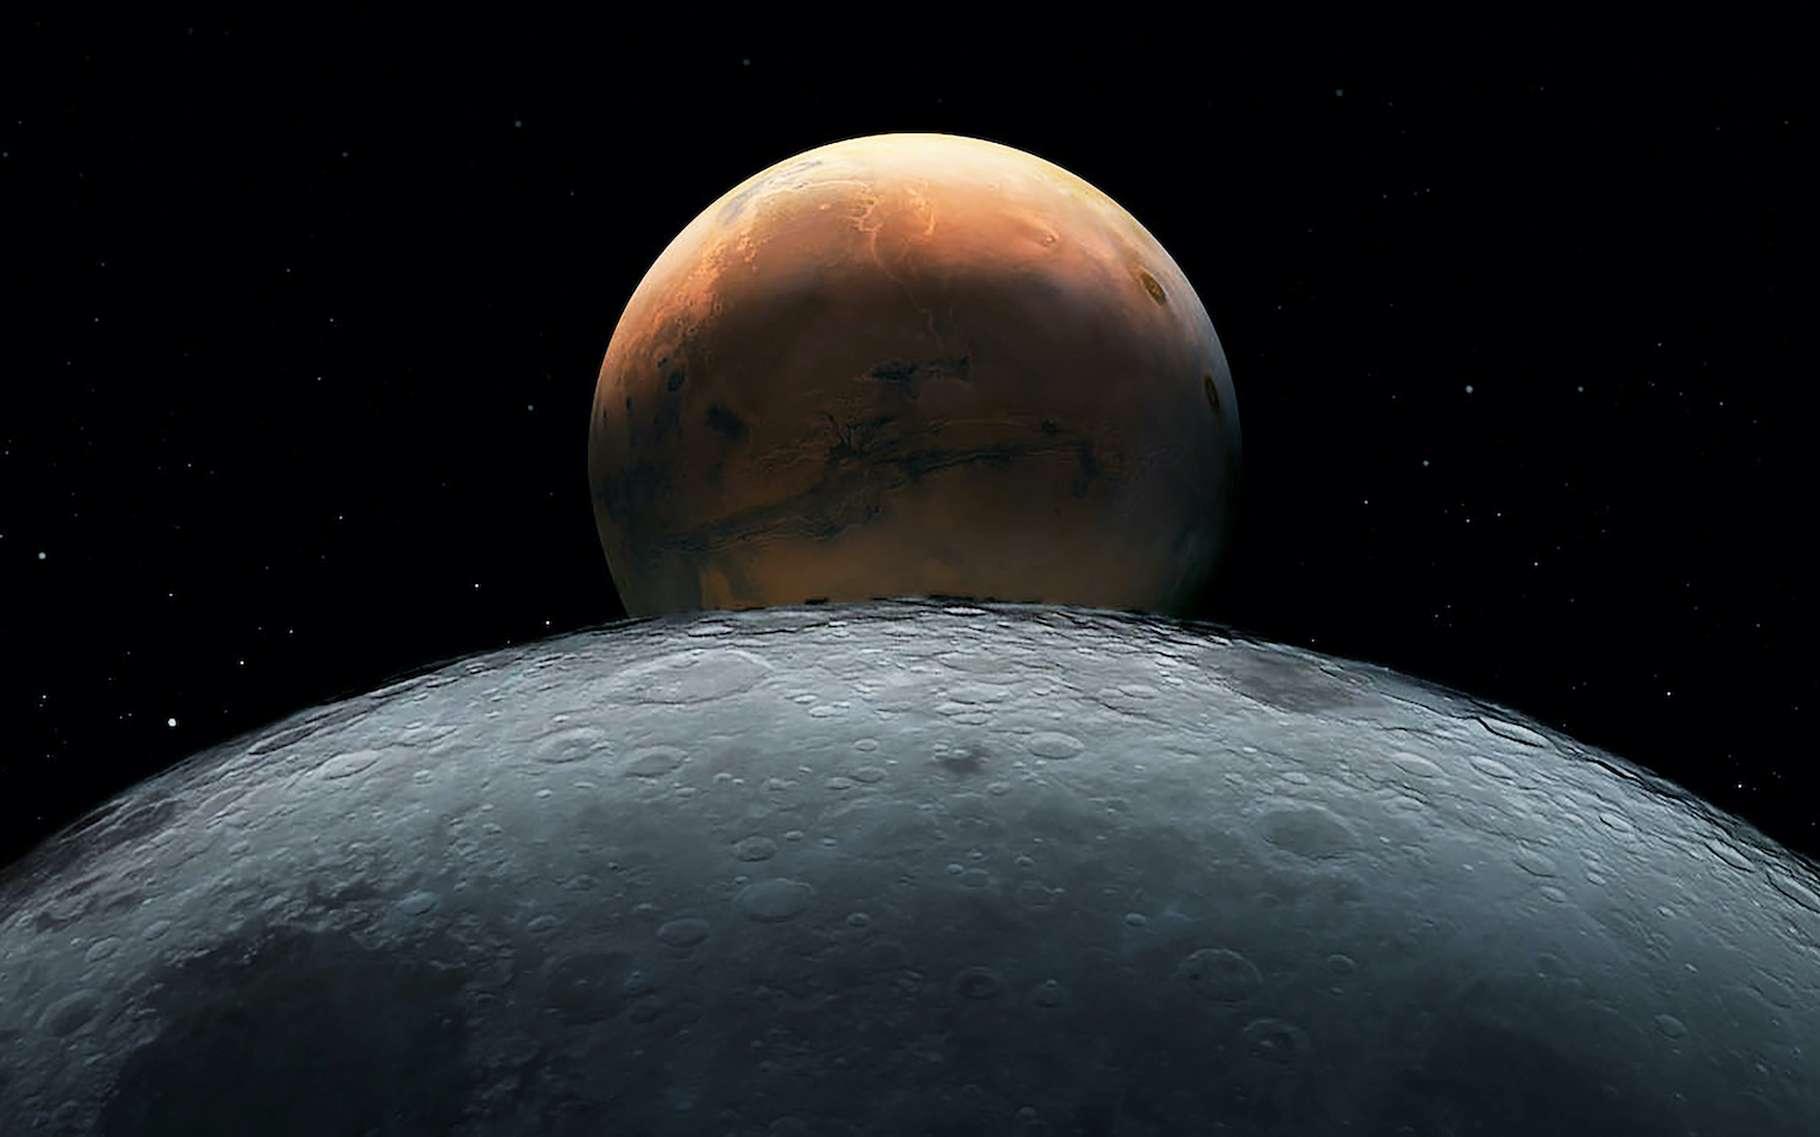 En étudiant les astéroïdes troyens de Mars, des chercheurs de l'Observatoire d'Armagh (Irlande) ont découvert que l'un d'eux ressemble étrangement à la Lune. © Artsiom Petrushenka, Adobe Stock